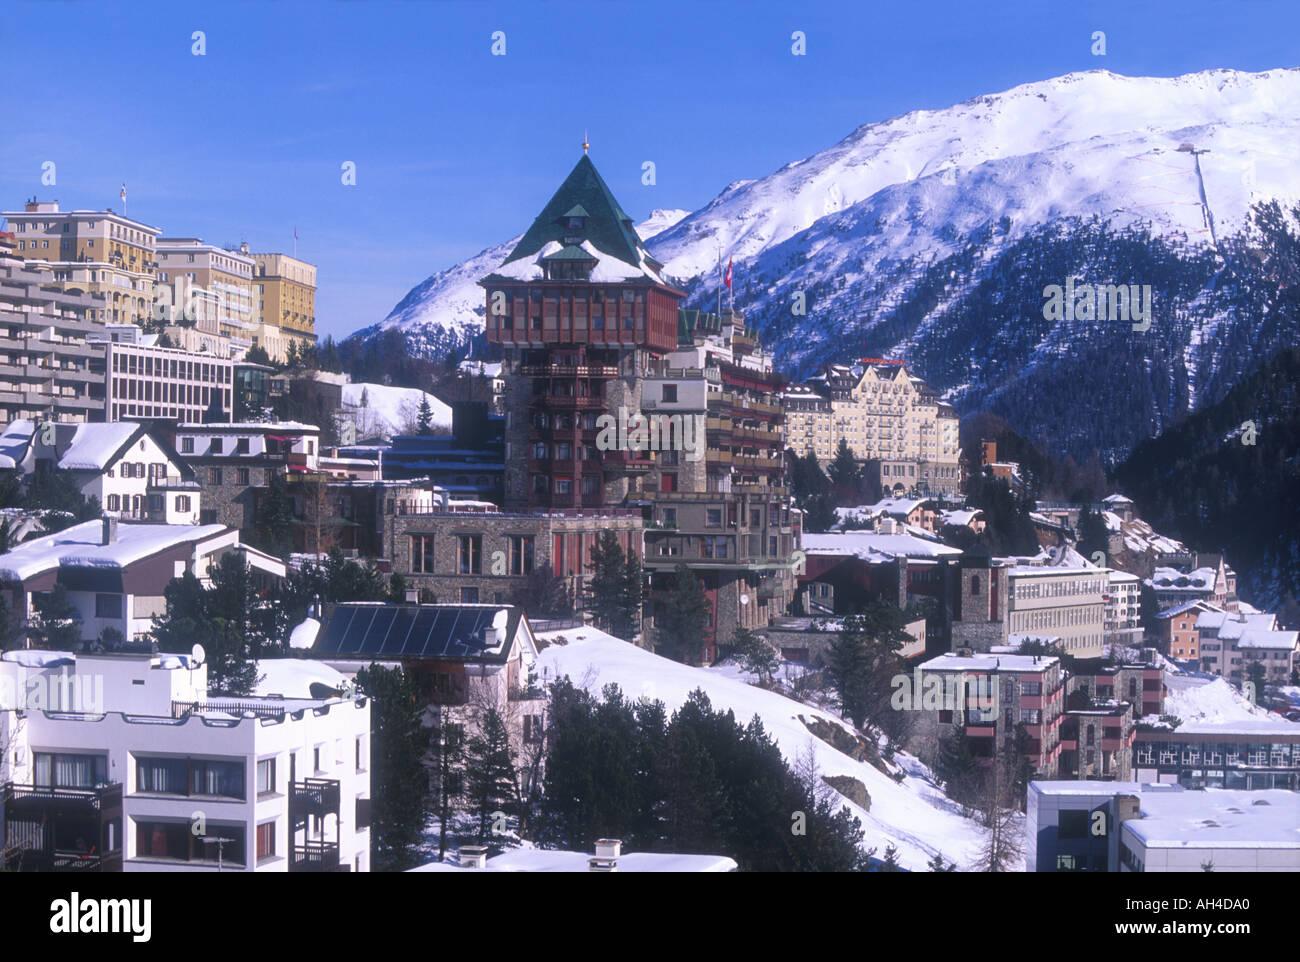 Hotel Palace St Moritz